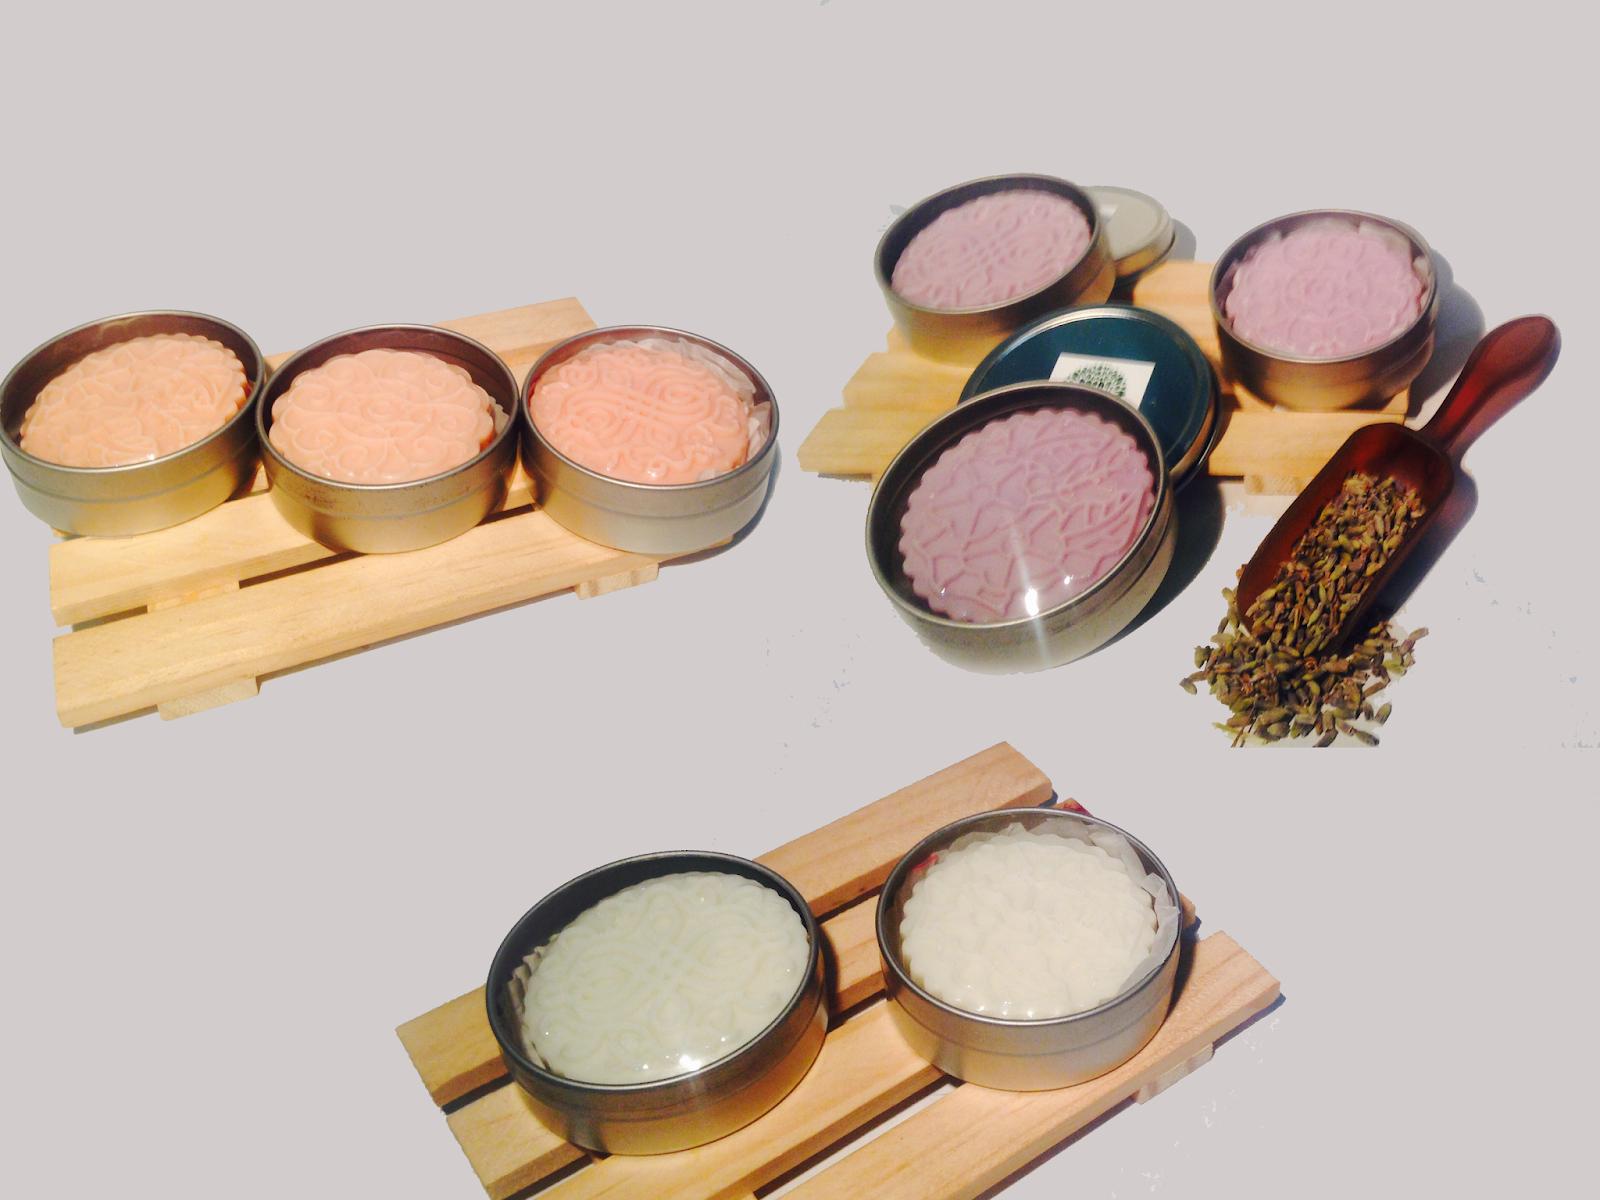 Barras Humectantes Aromas y Colores  $30.000 Tina Metálica - Espíritu Orgánico